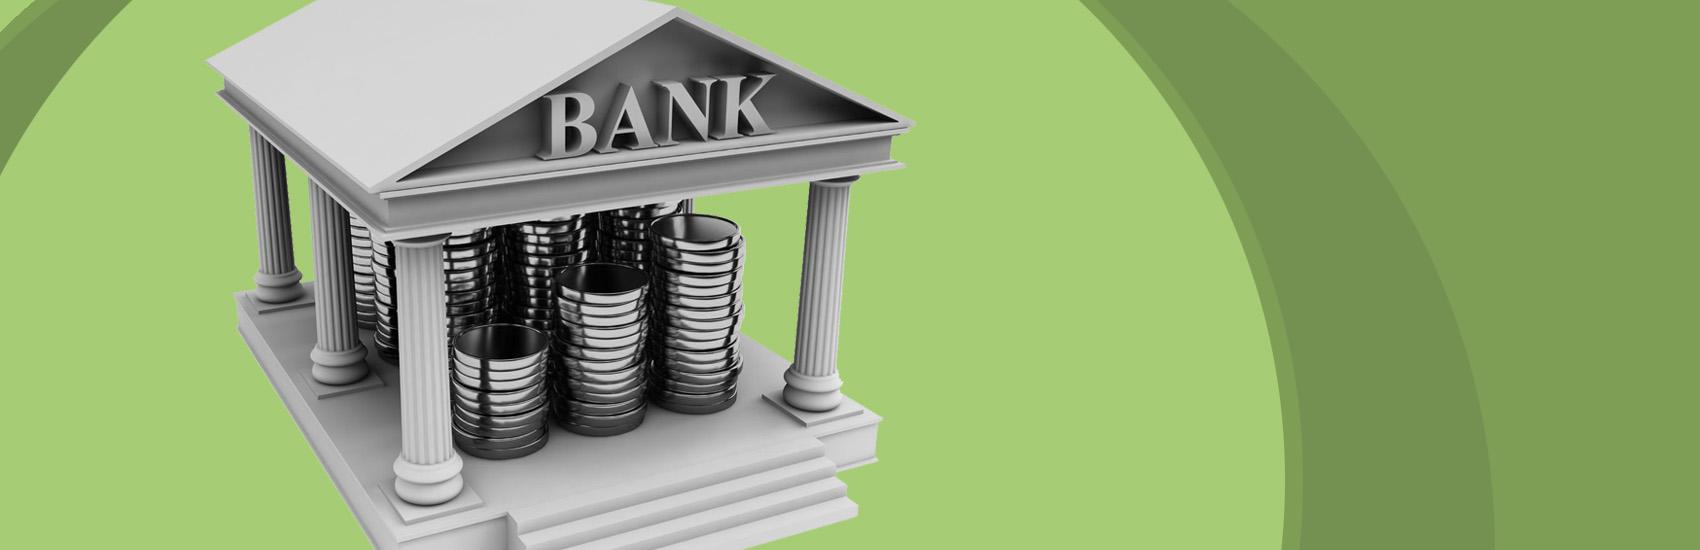 Как открыть счет в Швейцарском банке? Кейс Delegator24